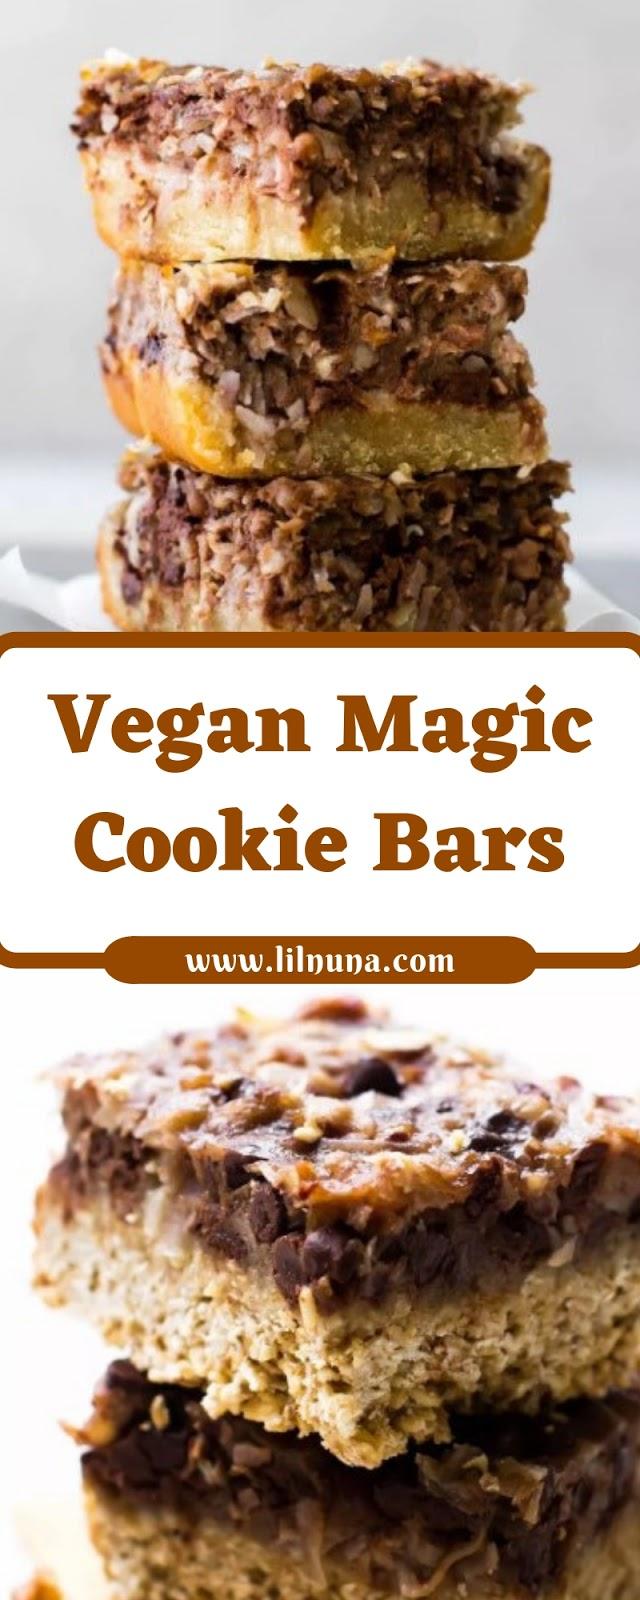 Vegan Magic Cookie Bars